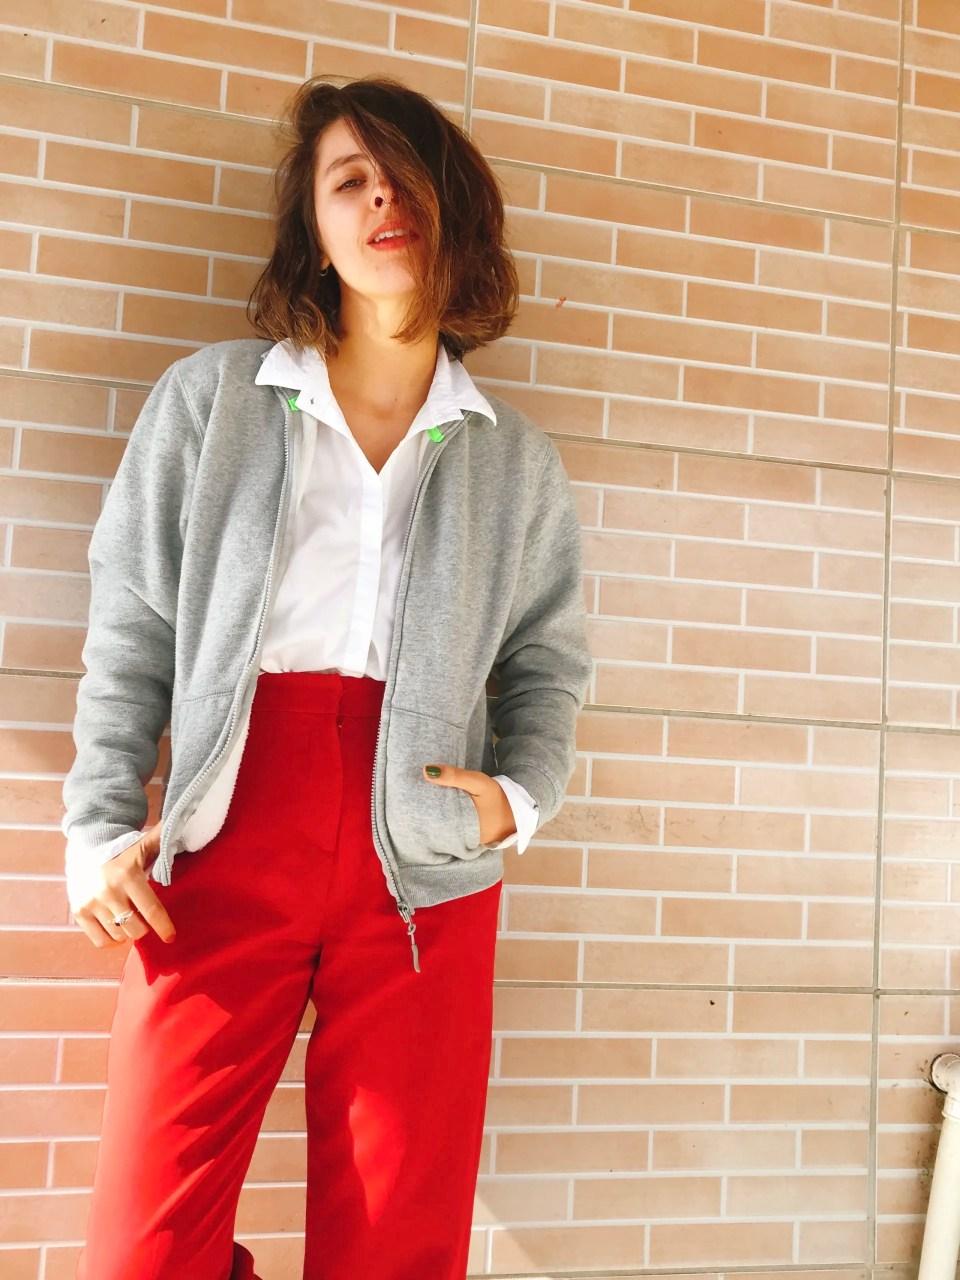 Marcie posa em frente a uma parede de tijolos laranja, a foto tirada do joelho para cima. O look é composto por camisa branca usada para dentro da calça de alfaiataria vermelha e jaqueta bomber de moletom cinza.